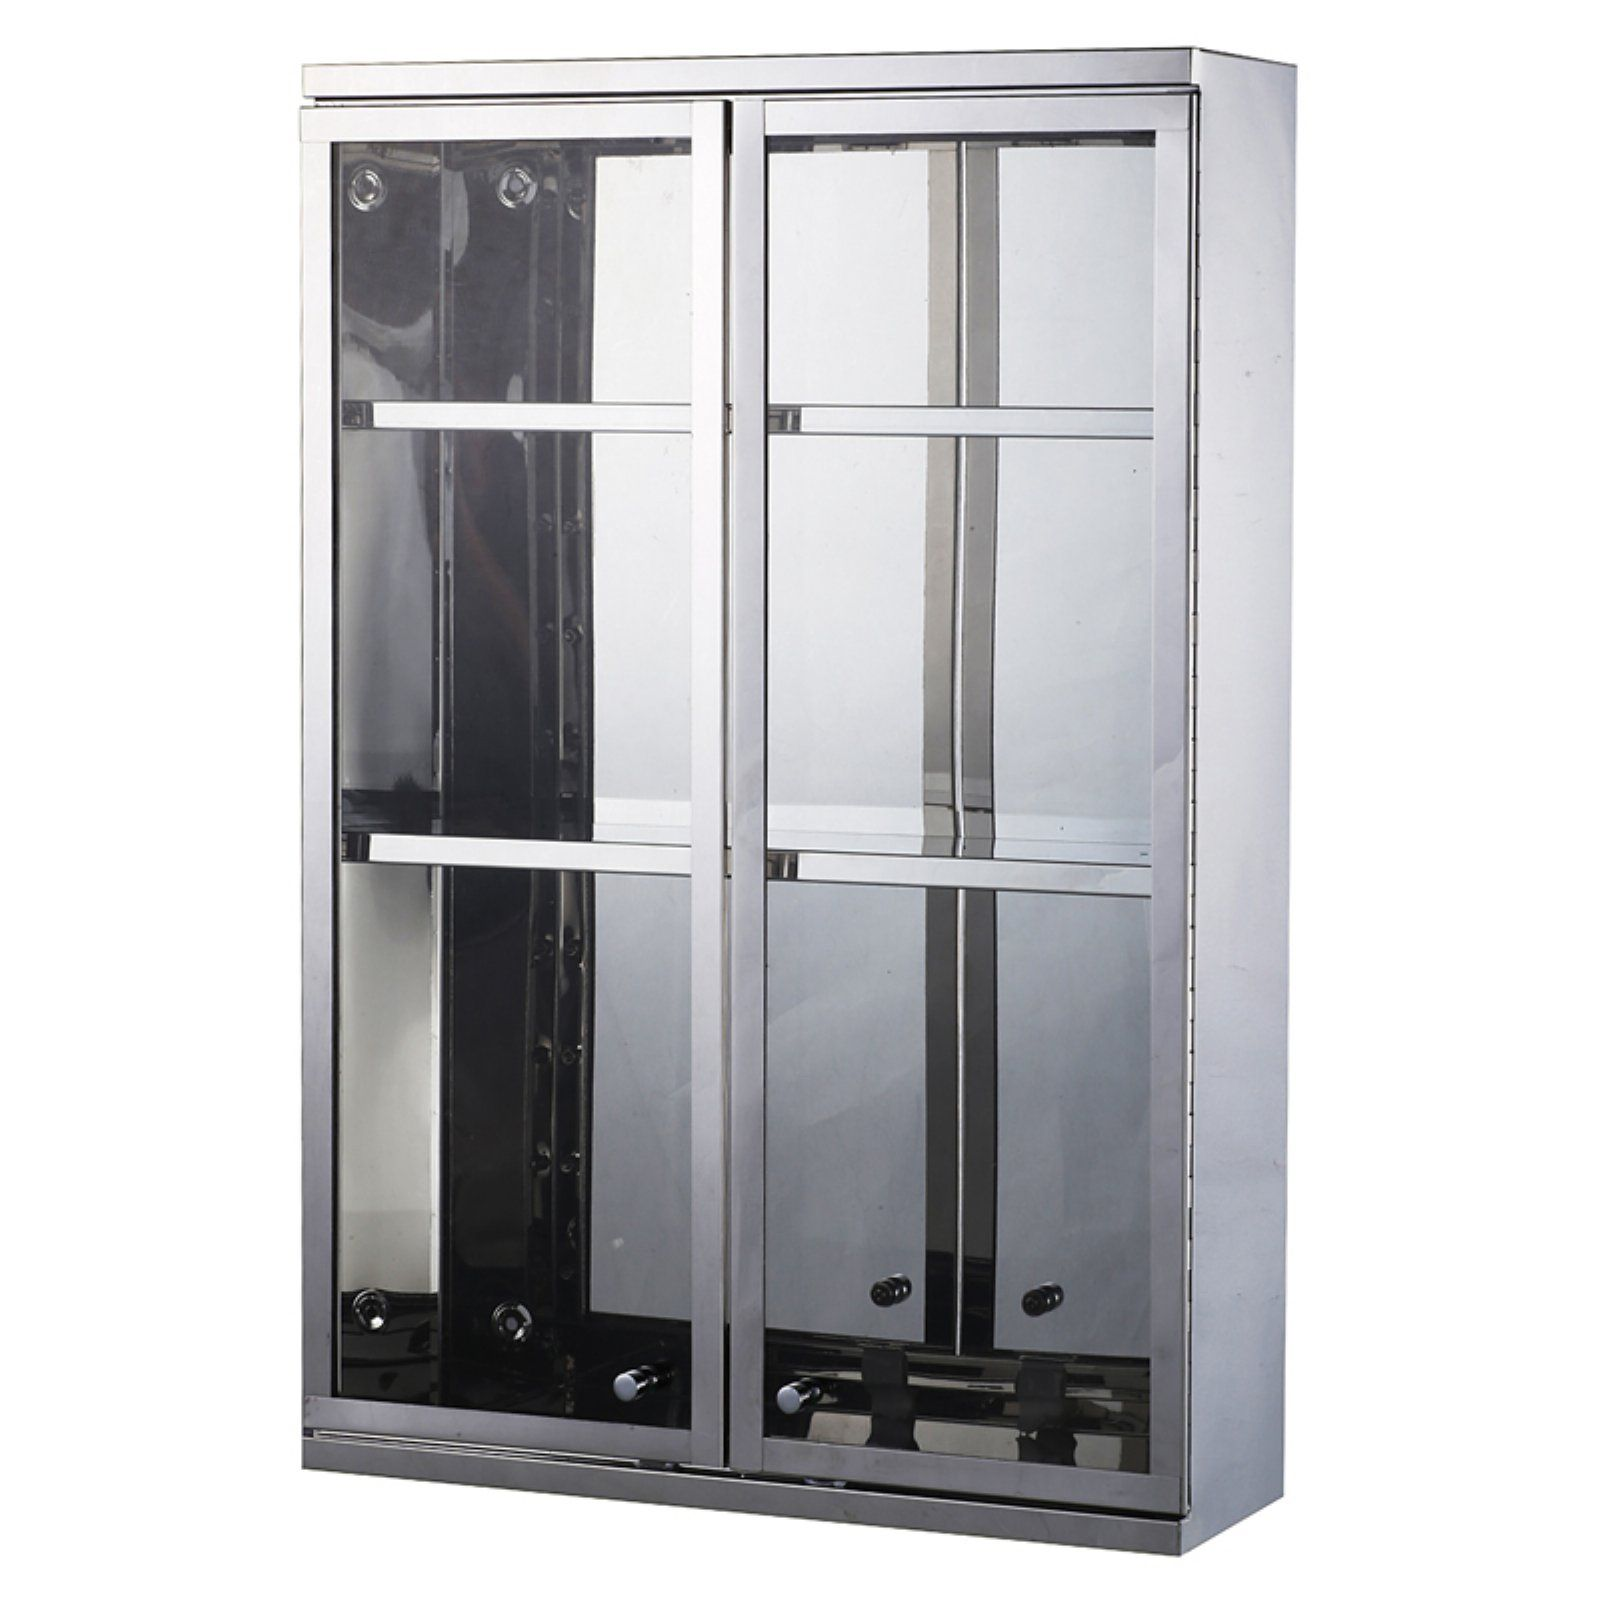 Homcom Stainless Steel Double Door Display Wall Cabinet Steel